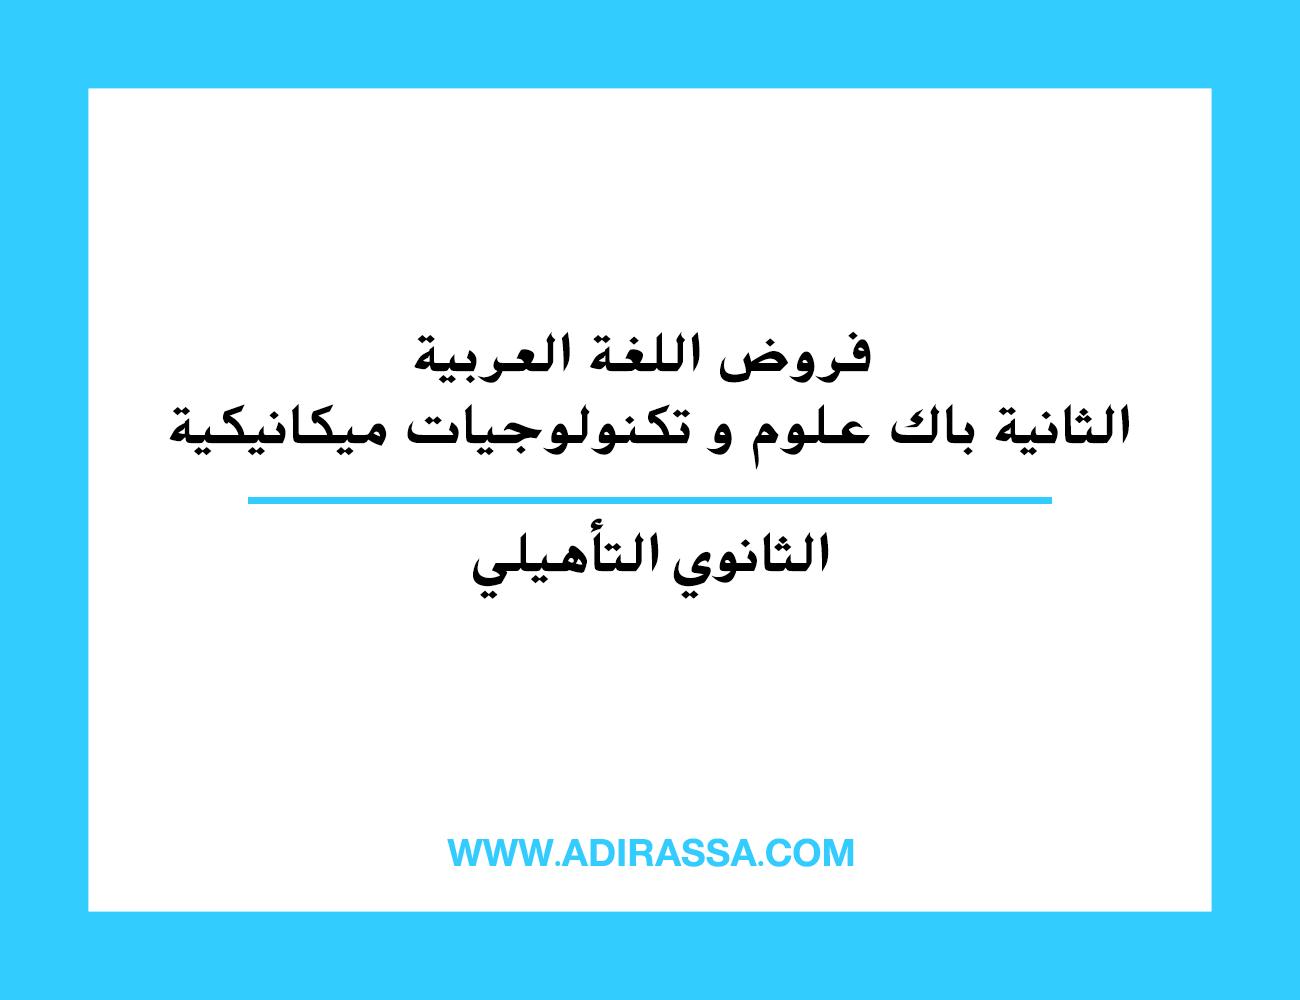 فروض اللغة العربية الثانية باك علوم و تكنولوجيات ميكانيكية بالثانوي التأهيلي